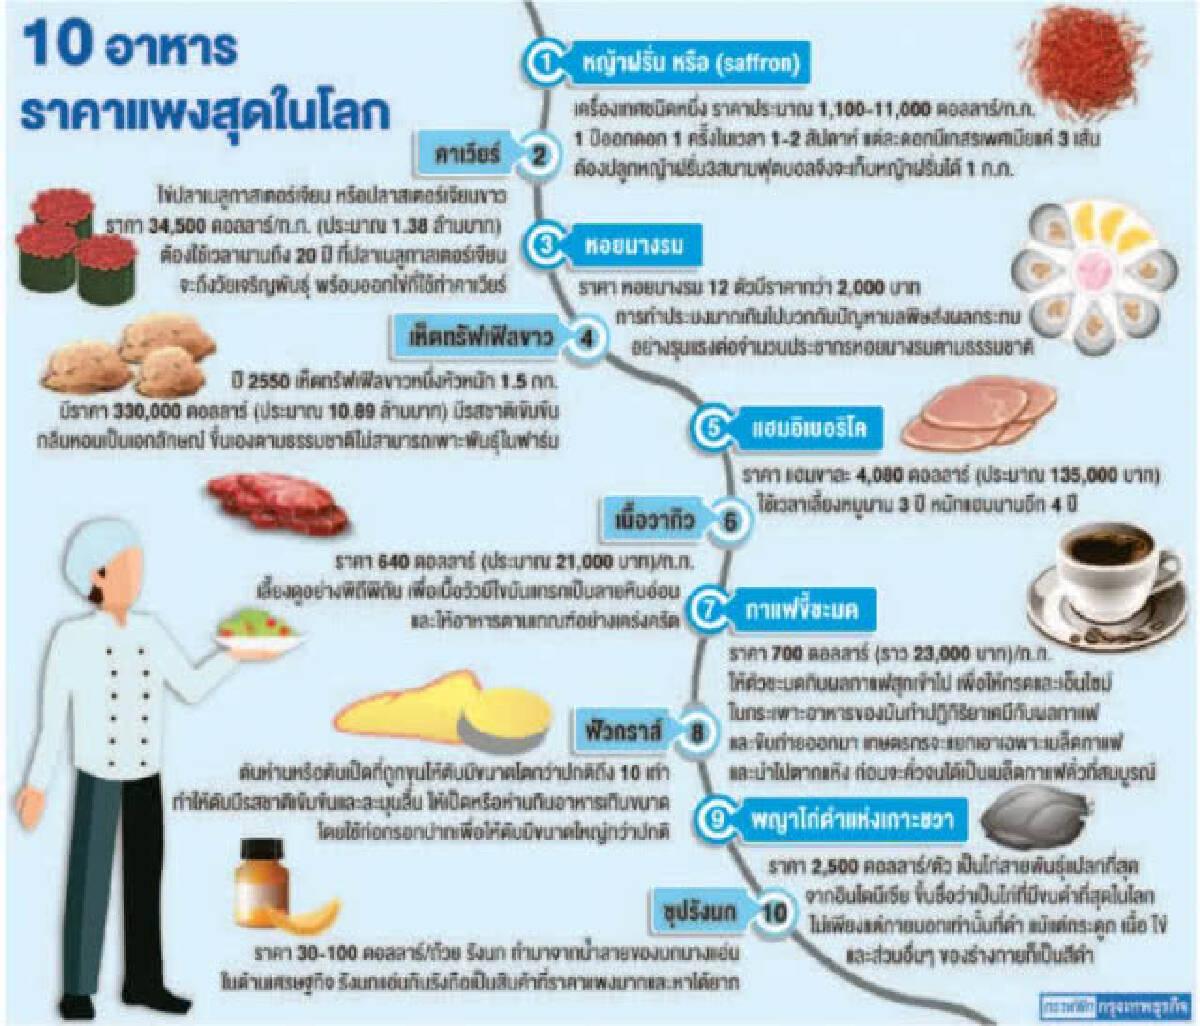 """""""รังนกไทย-หญ้าฝรั่น-กาแฟขี้ชะมด"""" ติดกลุ่มอาหารราคาแพงสุดในโลก"""